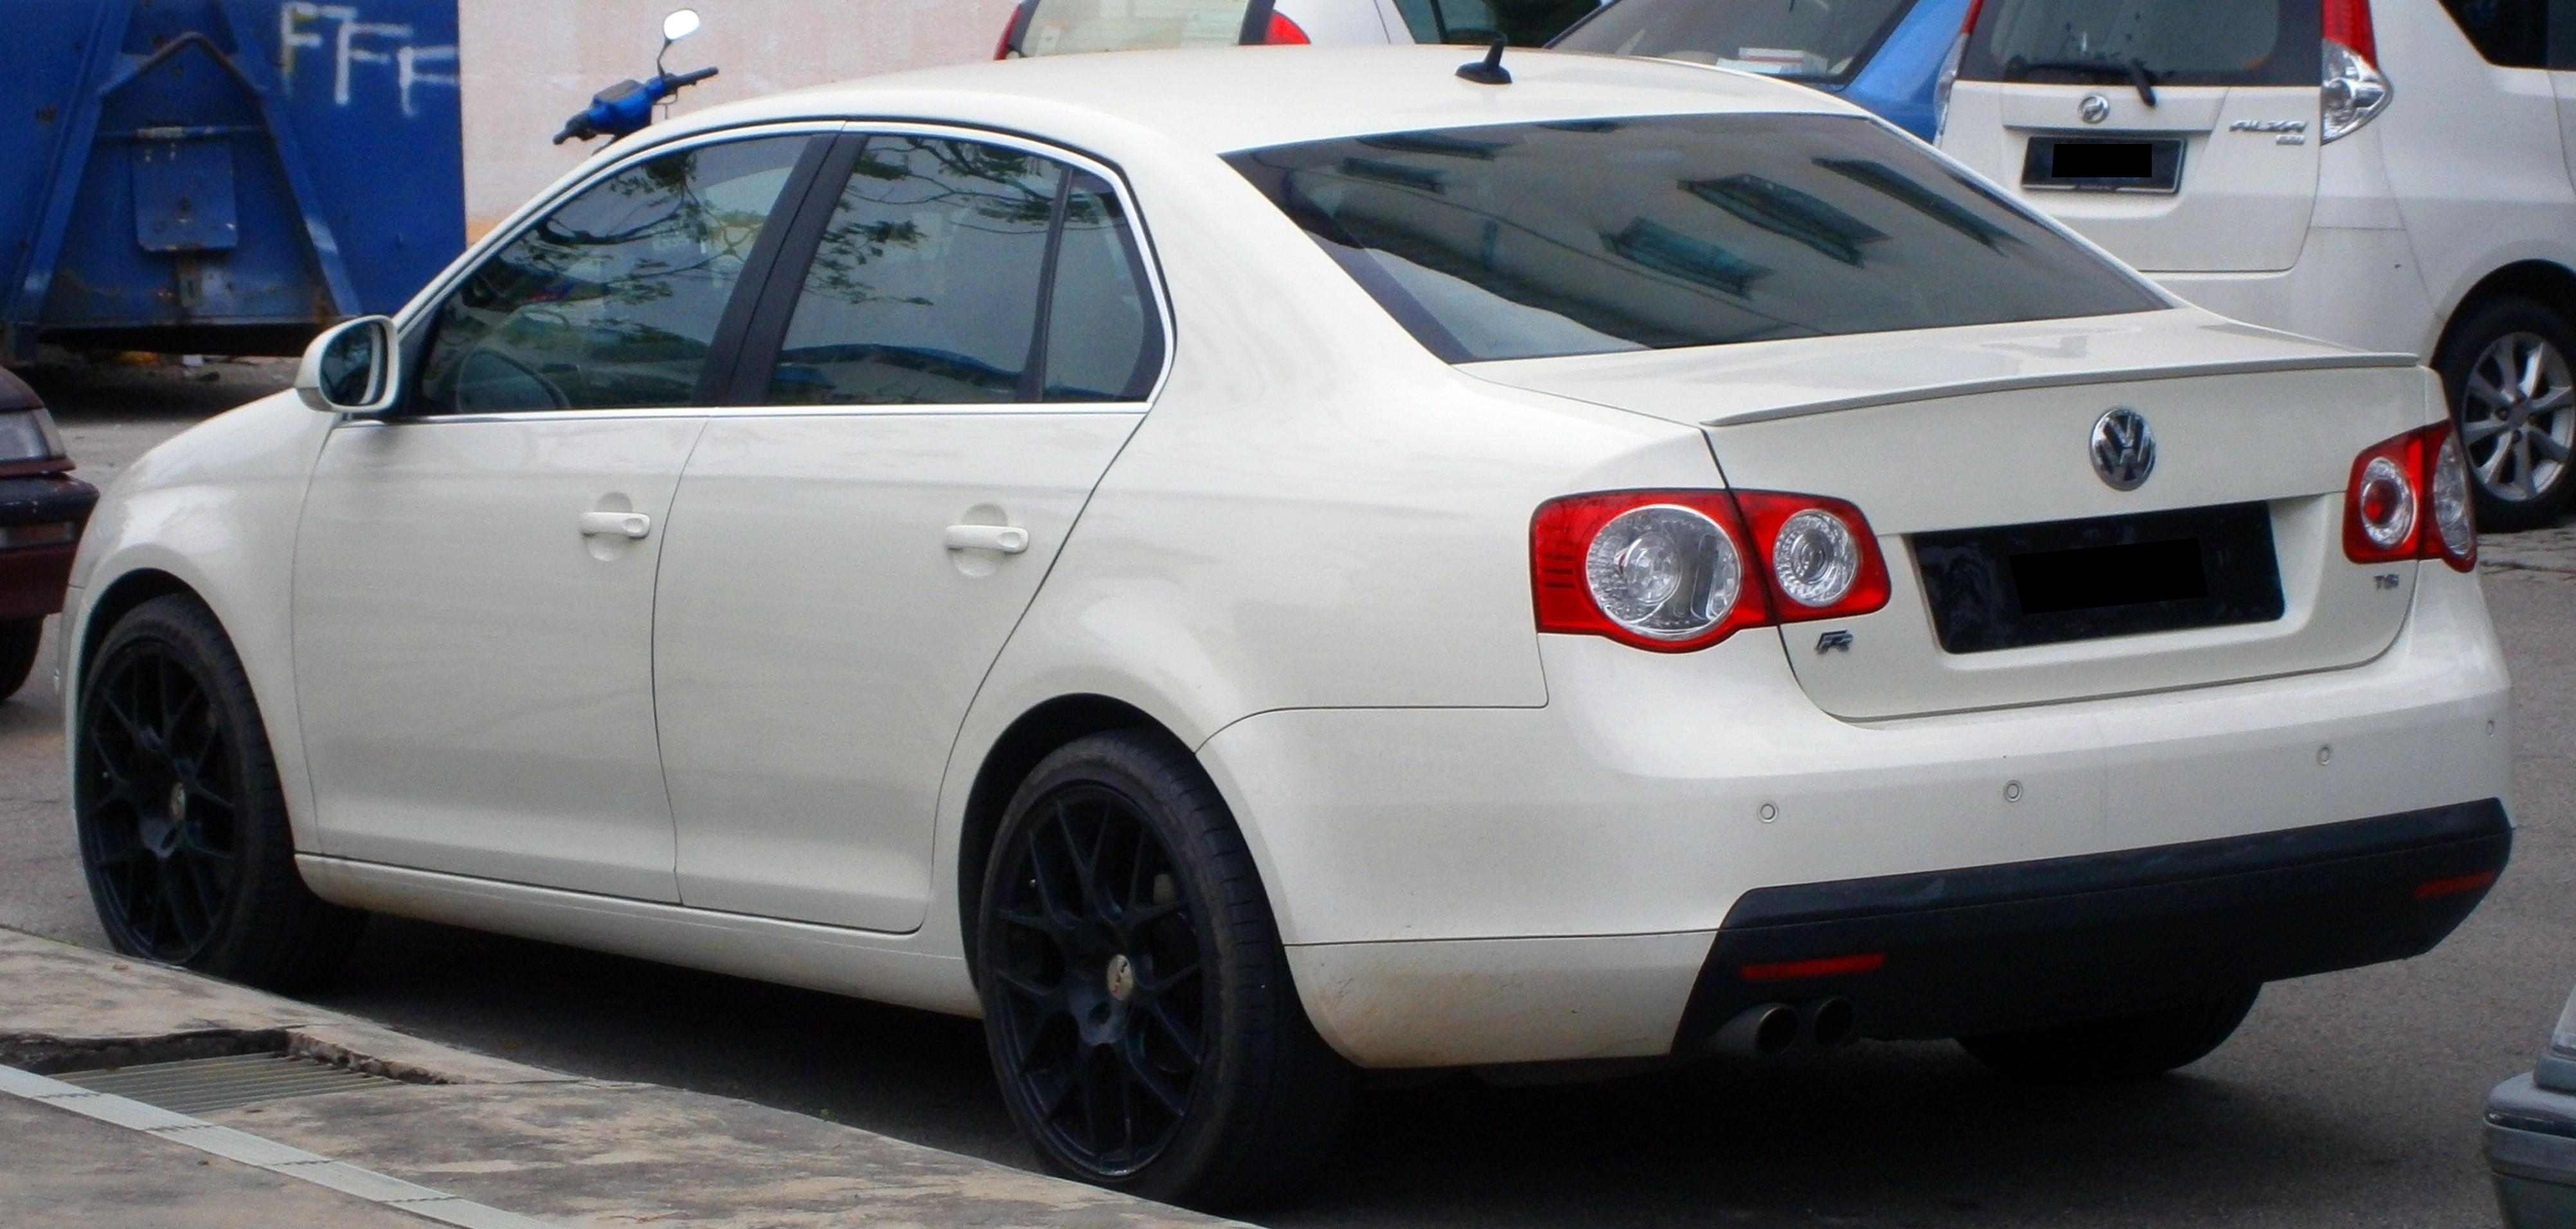 File:2008 Volkswagen Jetta in Cyberjaya, Malaysia (02).jpg - Wikimedia Commons